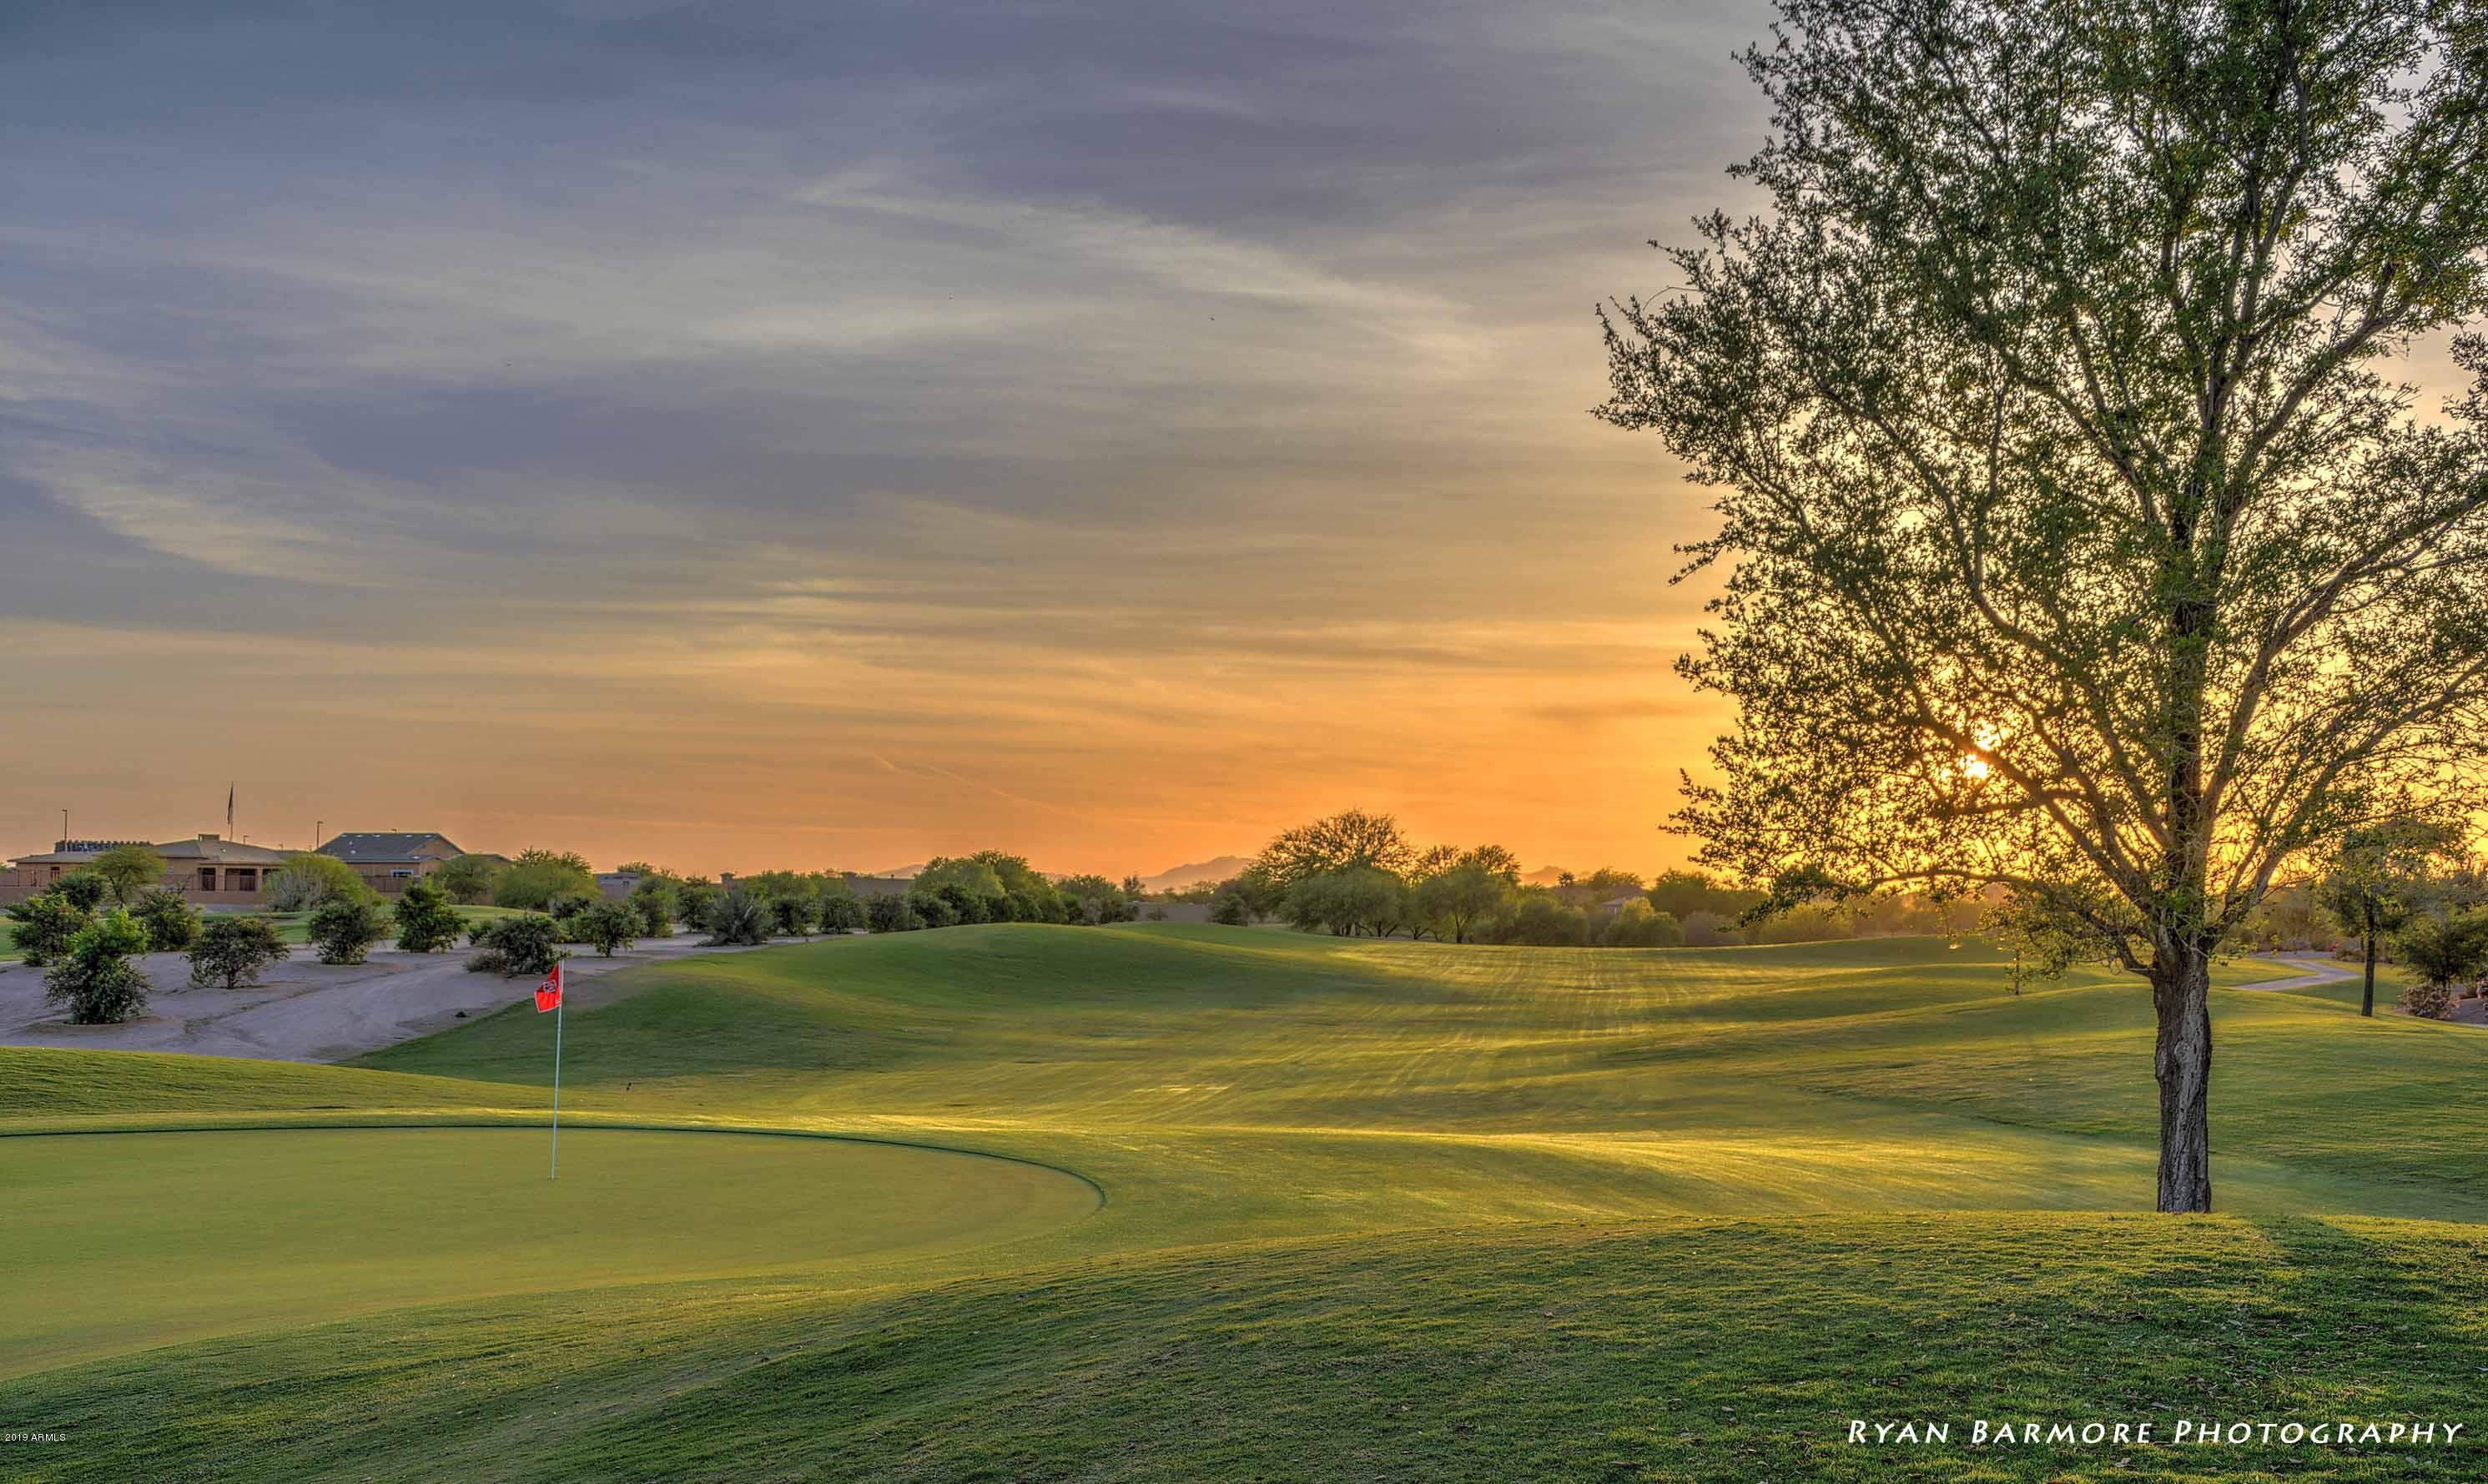 MLS 5880586 6788 S BIRDIE Way, Gilbert, AZ 85298 Golf Course Lots